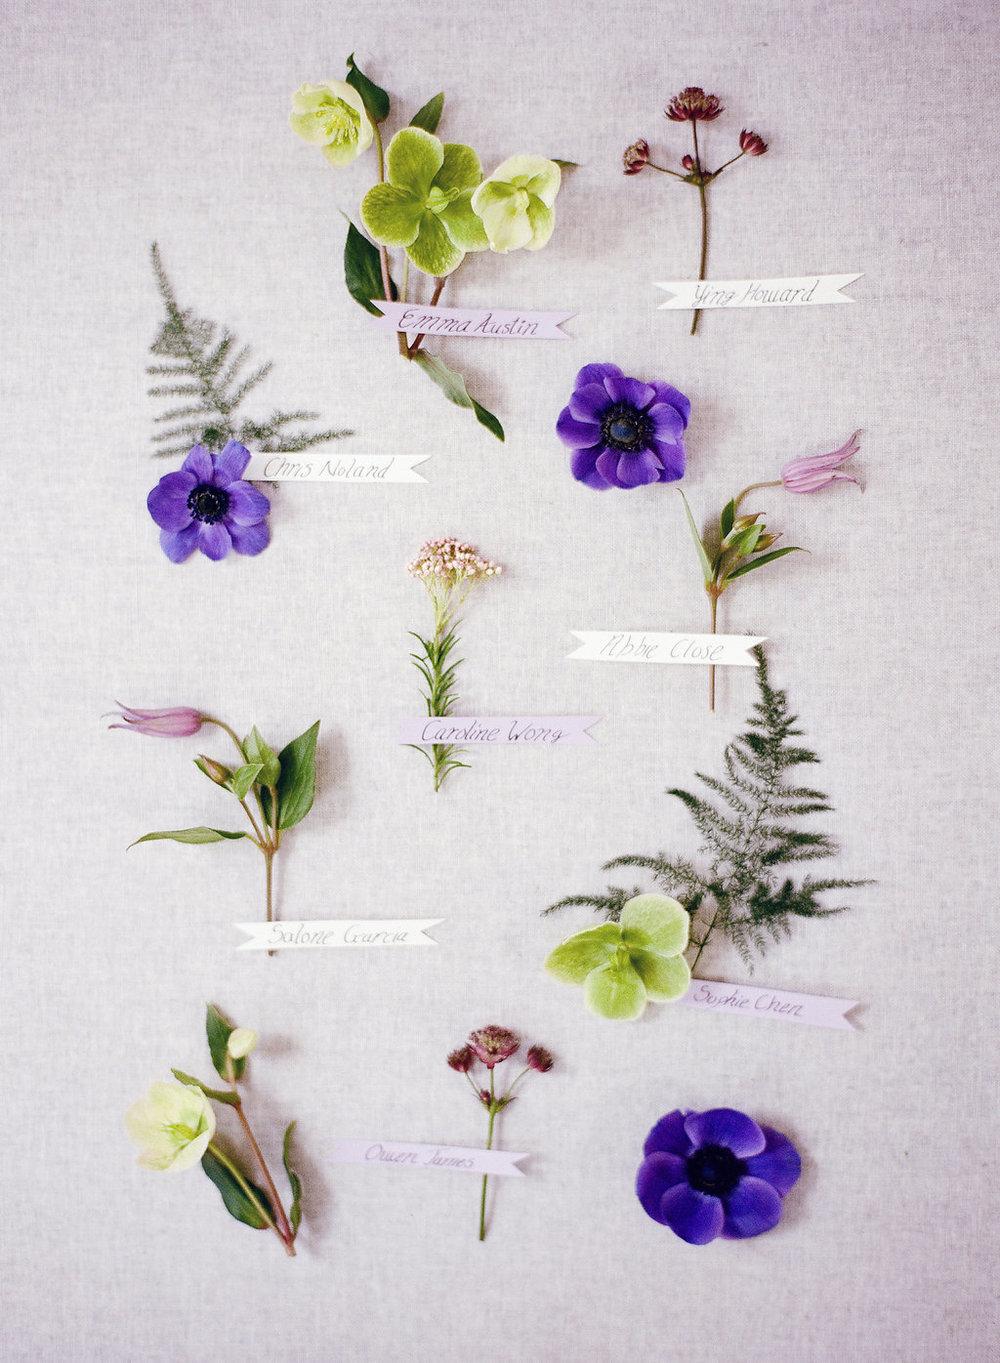 007_Botanical.jpg